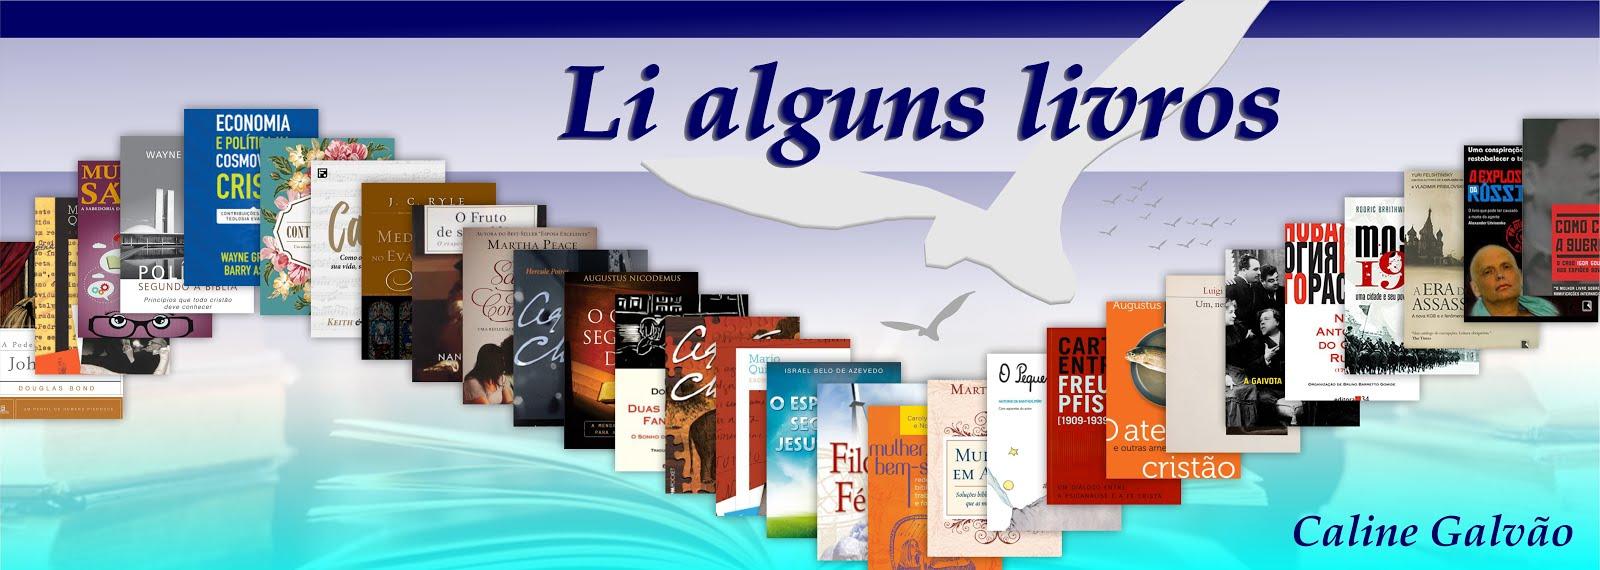 Li alguns livros